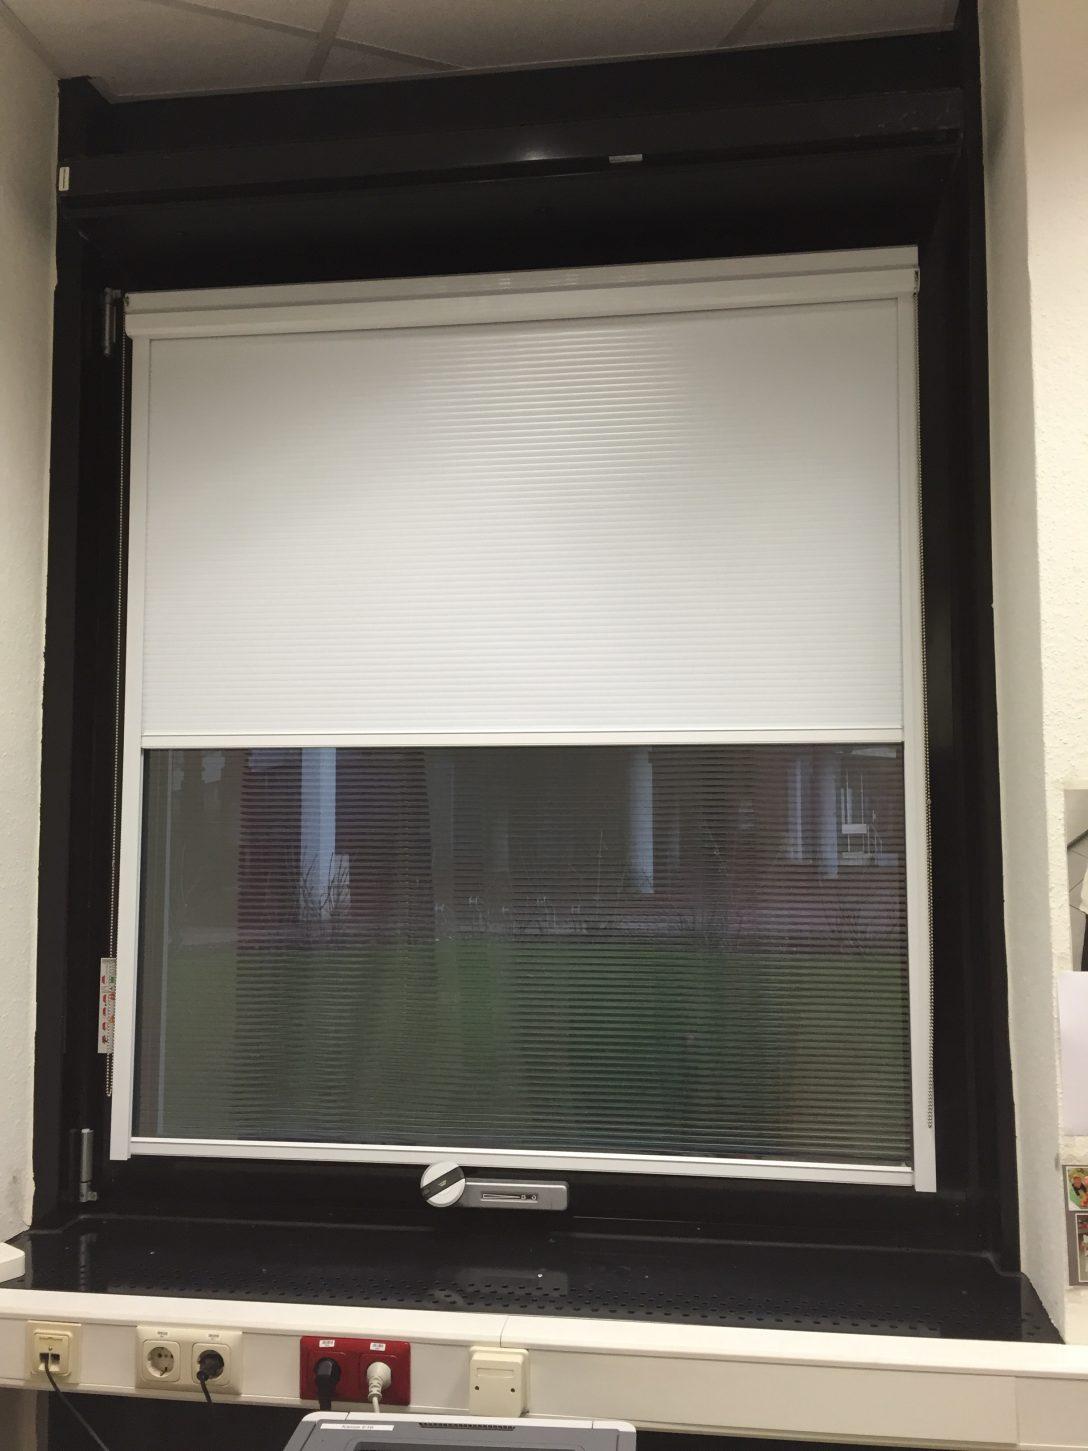 Large Size of Sonnenschutzfolie Fenster Innen Obi Oder Aussen Doppelverglasung Hitzeschutzfolie Selbsthaftend Test Anbringen Baumarkt Entfernen Montage Sonnenschutzsysteme Fenster Sonnenschutzfolie Fenster Innen